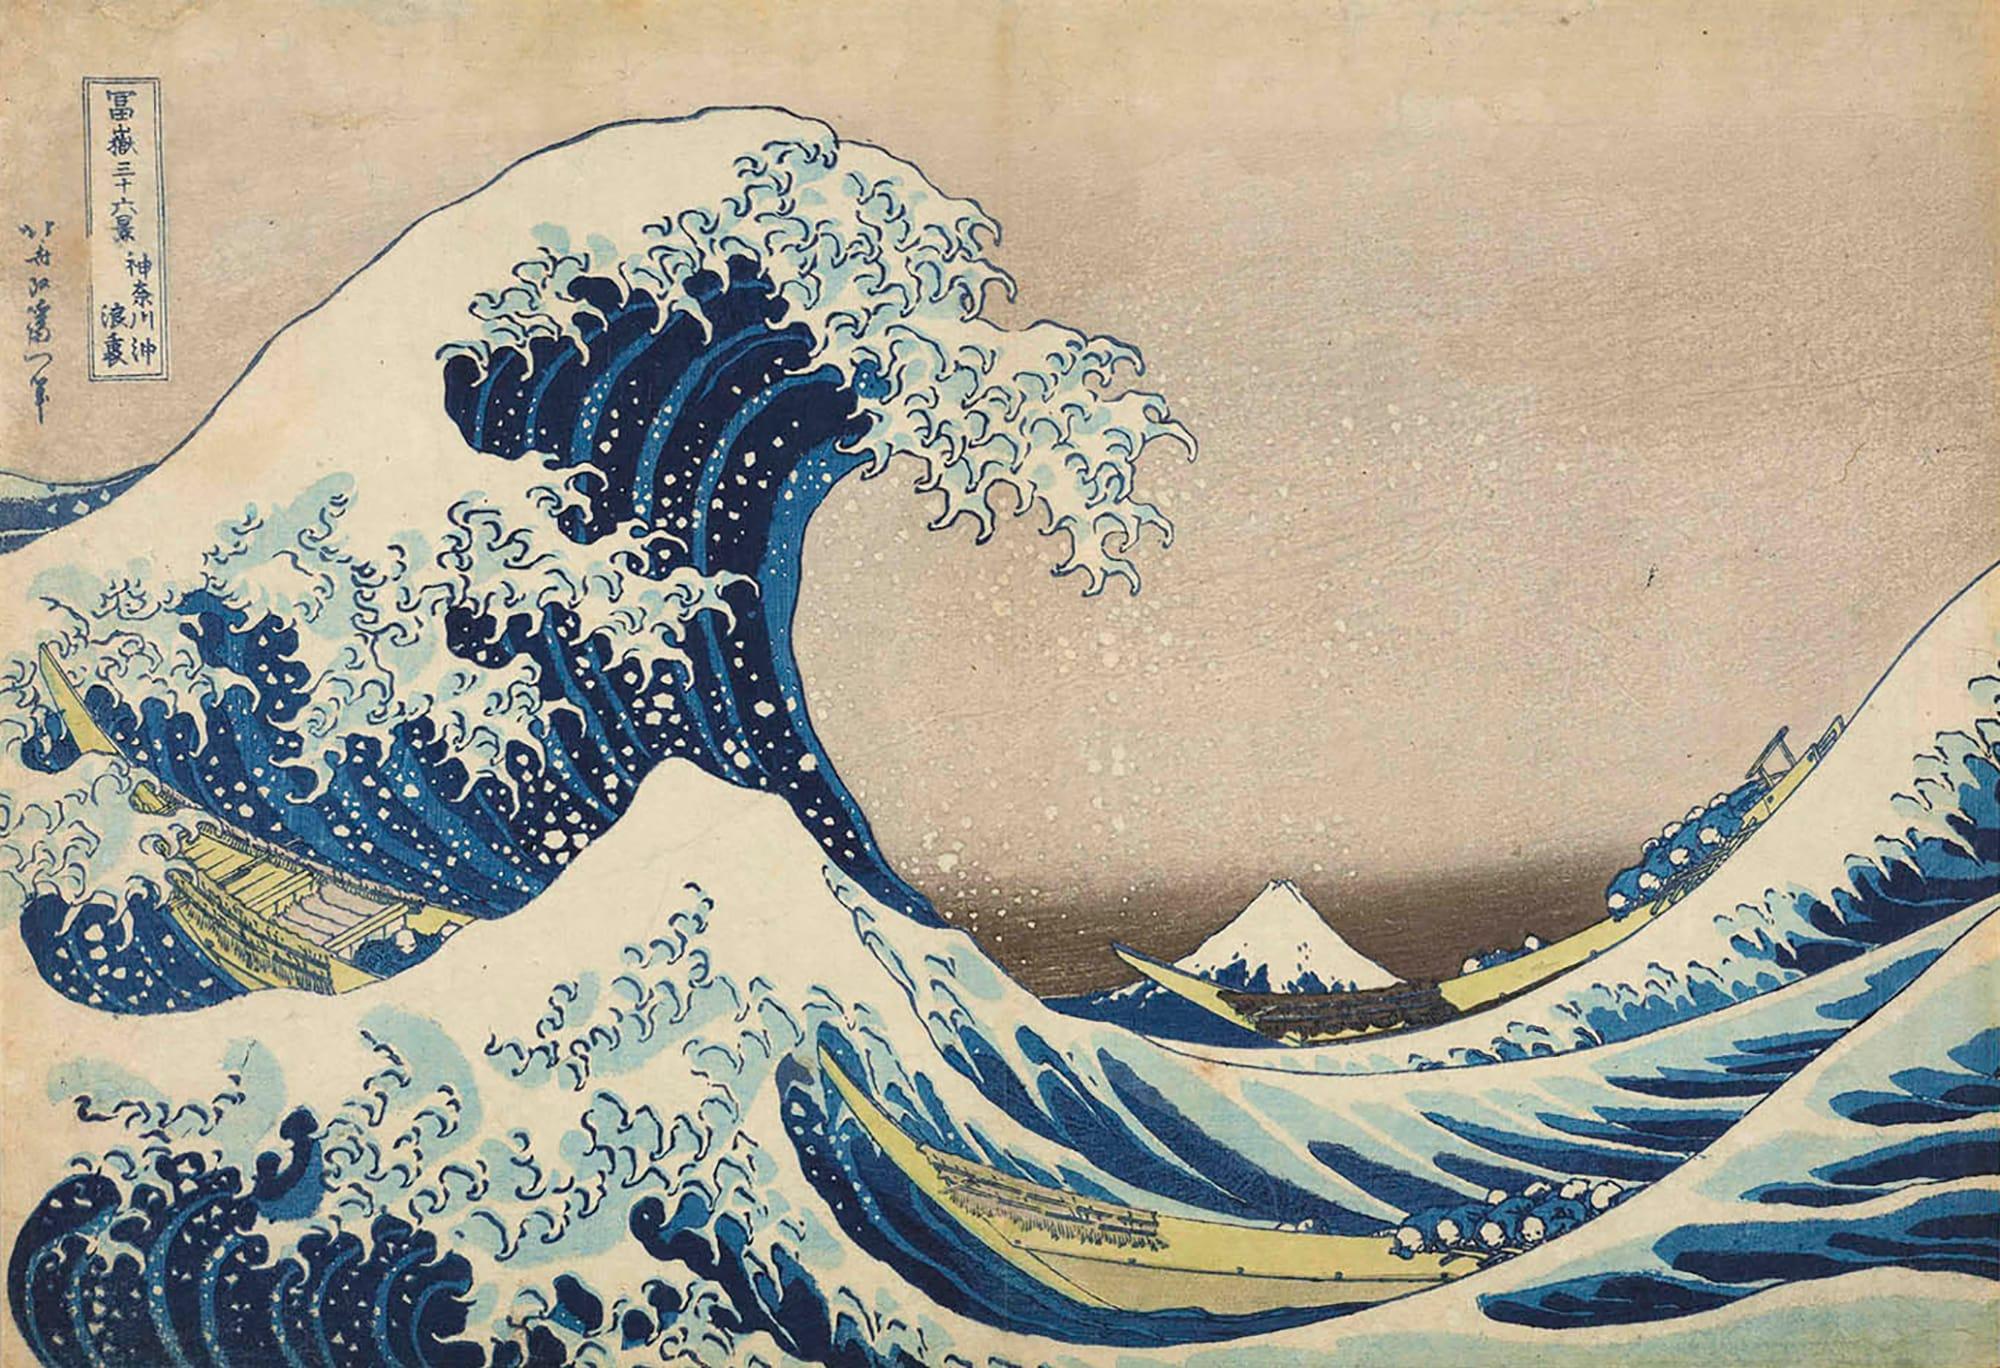 葛飾北斎「冨嶽三十六景 神奈川沖浪裹」橫大判錦繪(版畫) 天寶元年~4年(1830~33)前後,太田記念美術館收藏以「The Great Wave」而世界知名的日本作品。三館的收藏品交替展示中常設於展覽館中的亮點作品之一。